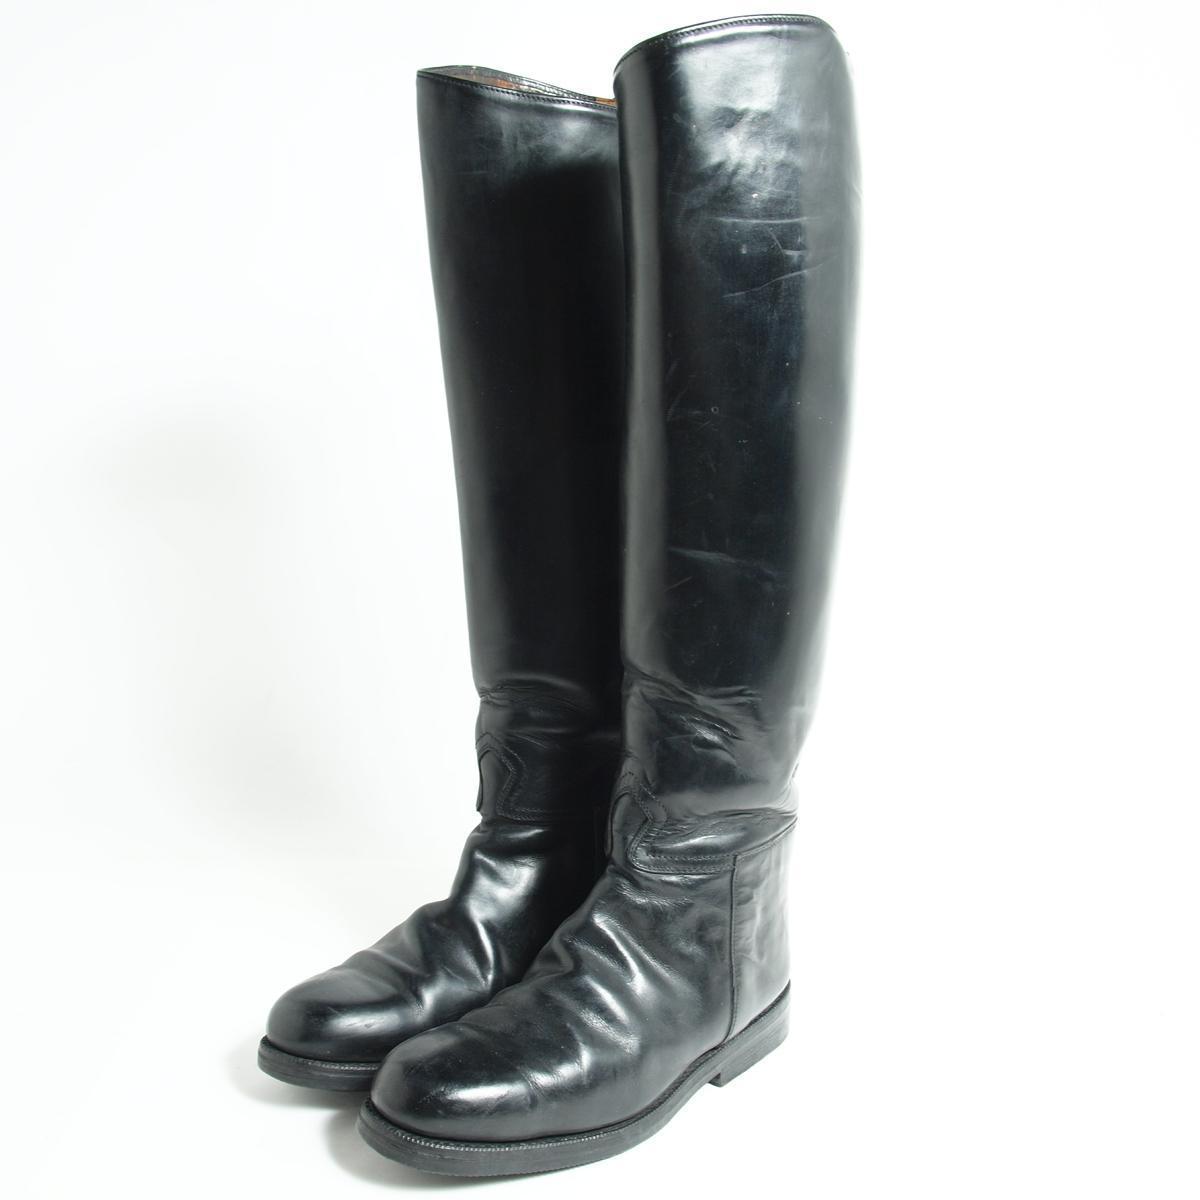 ジョッキー乗馬ブーツ 5.5 レディース23.5cm /bok2240 【中古】 【170129】【US1803-1】【SS1806】